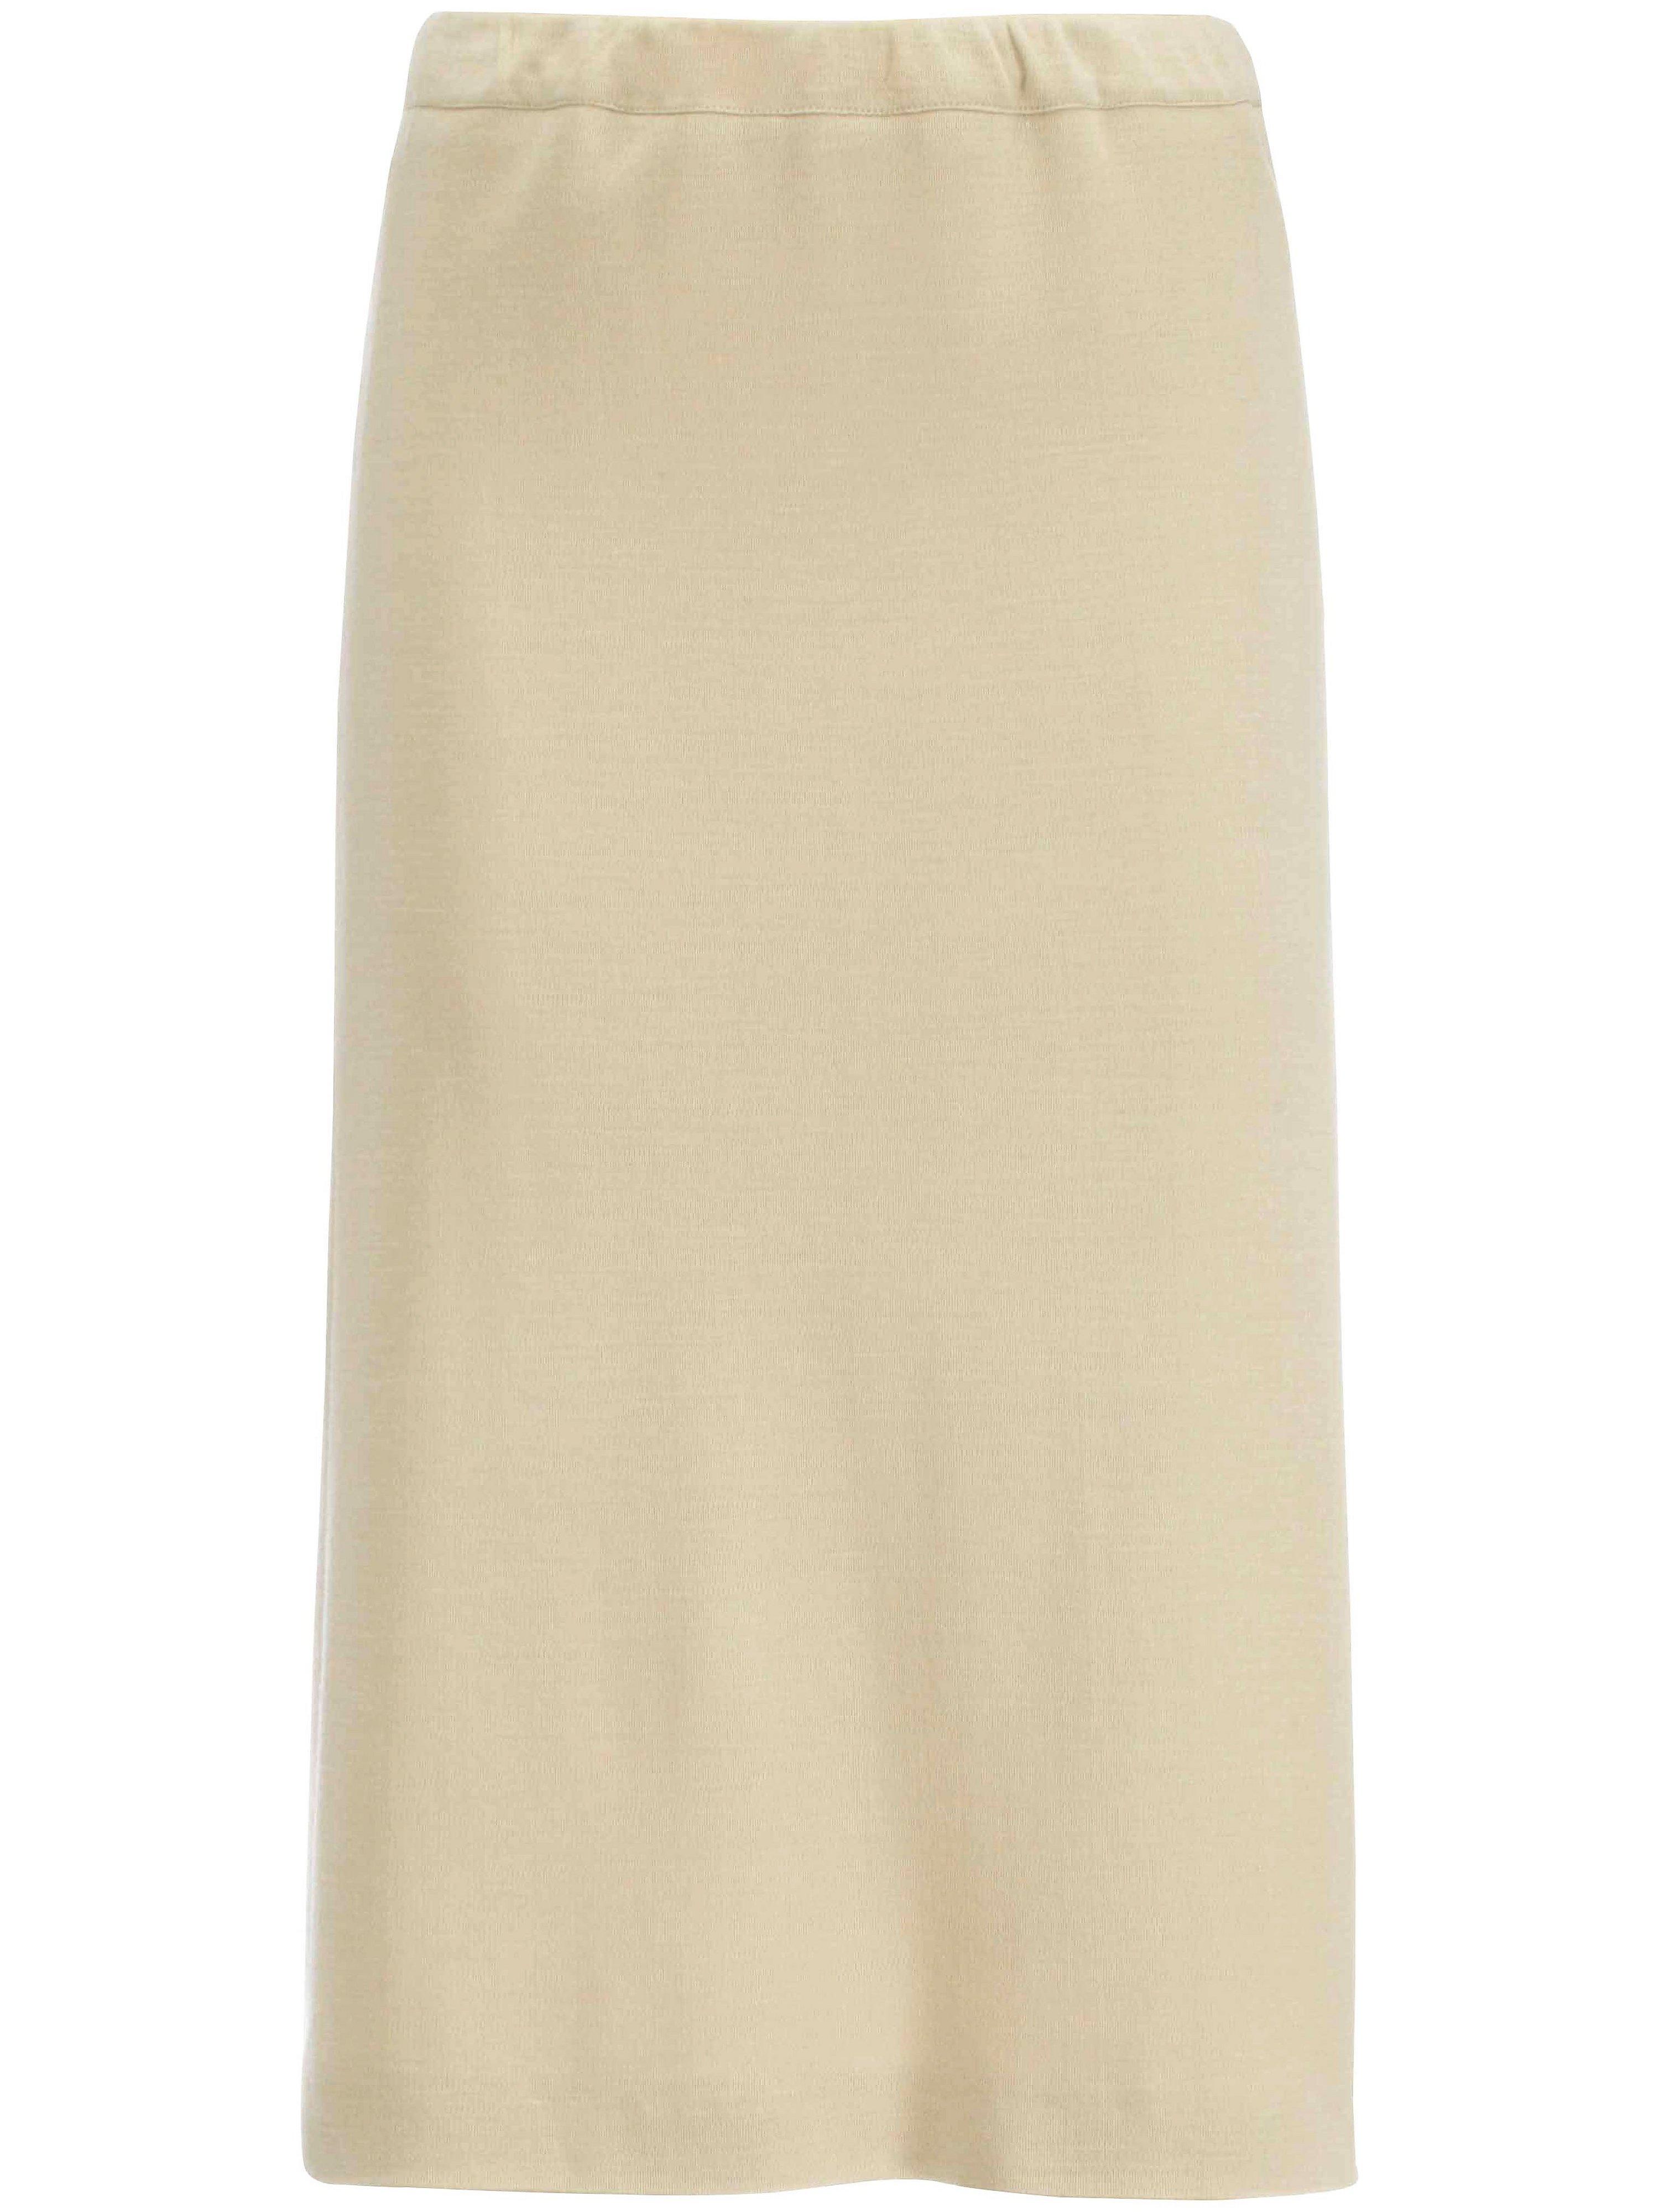 La jupe  Rössler Selection beige taille 42